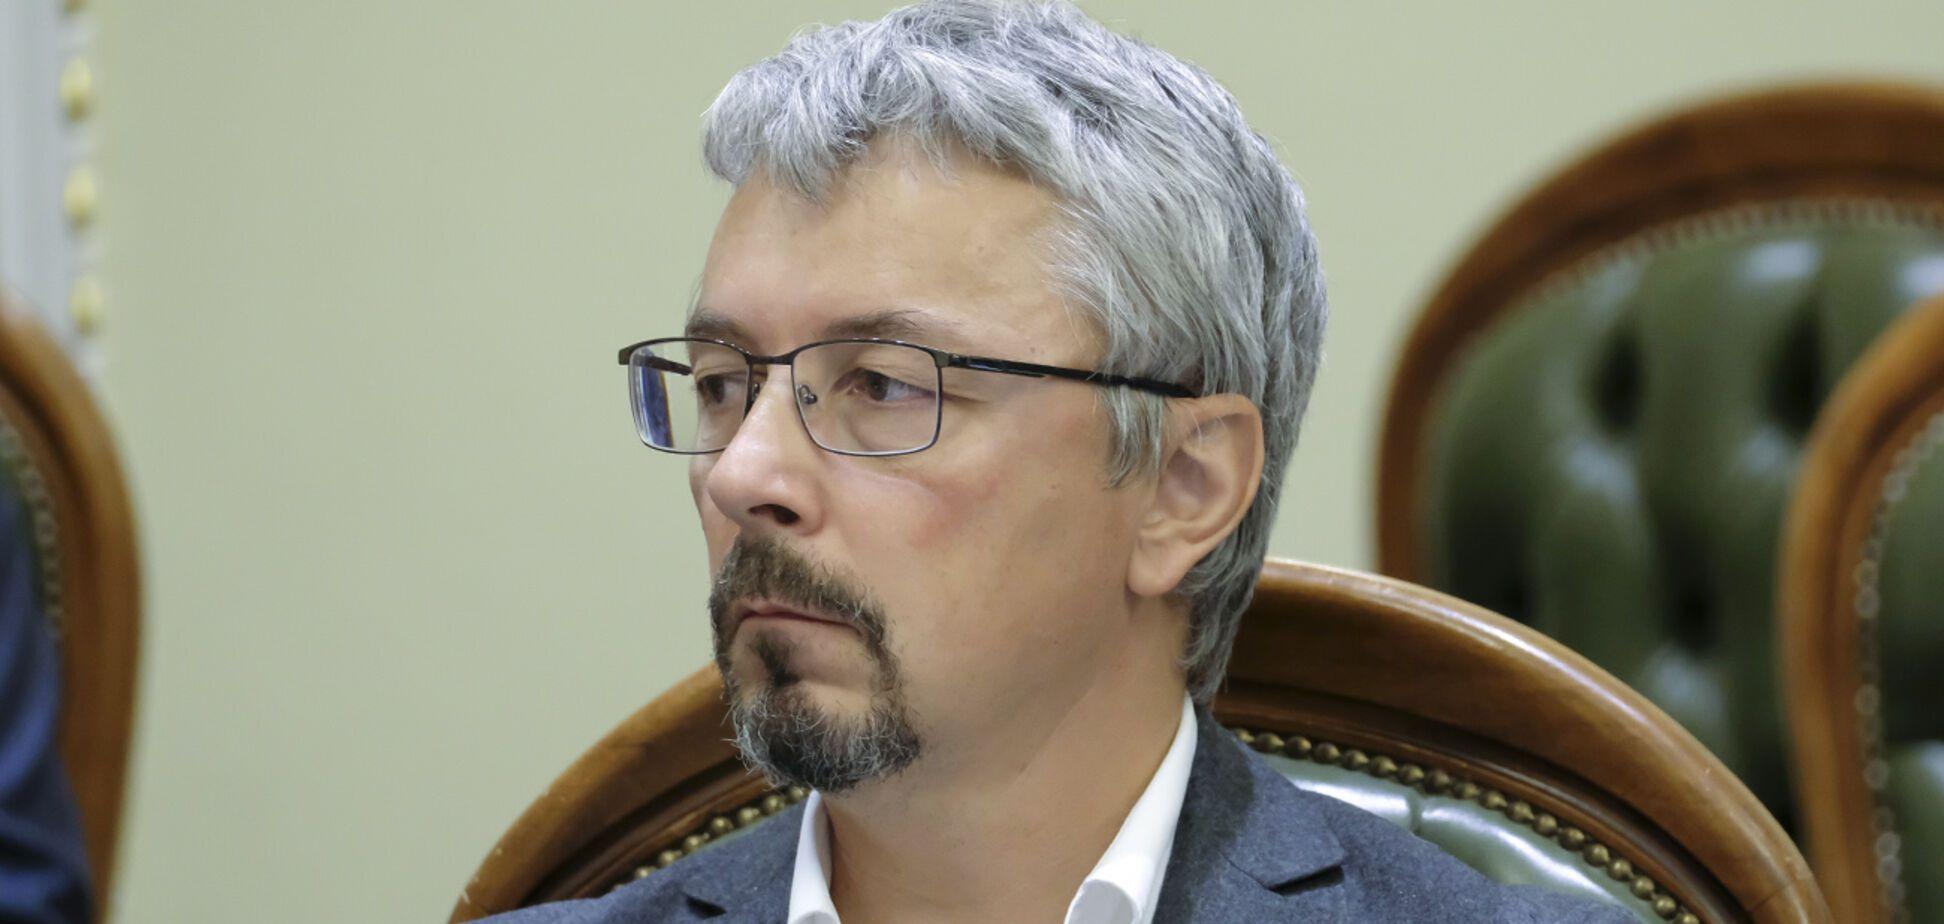 Ткаченко: Национальная стратегия-2030 закладывает план долгосрочного развития креативной экономики